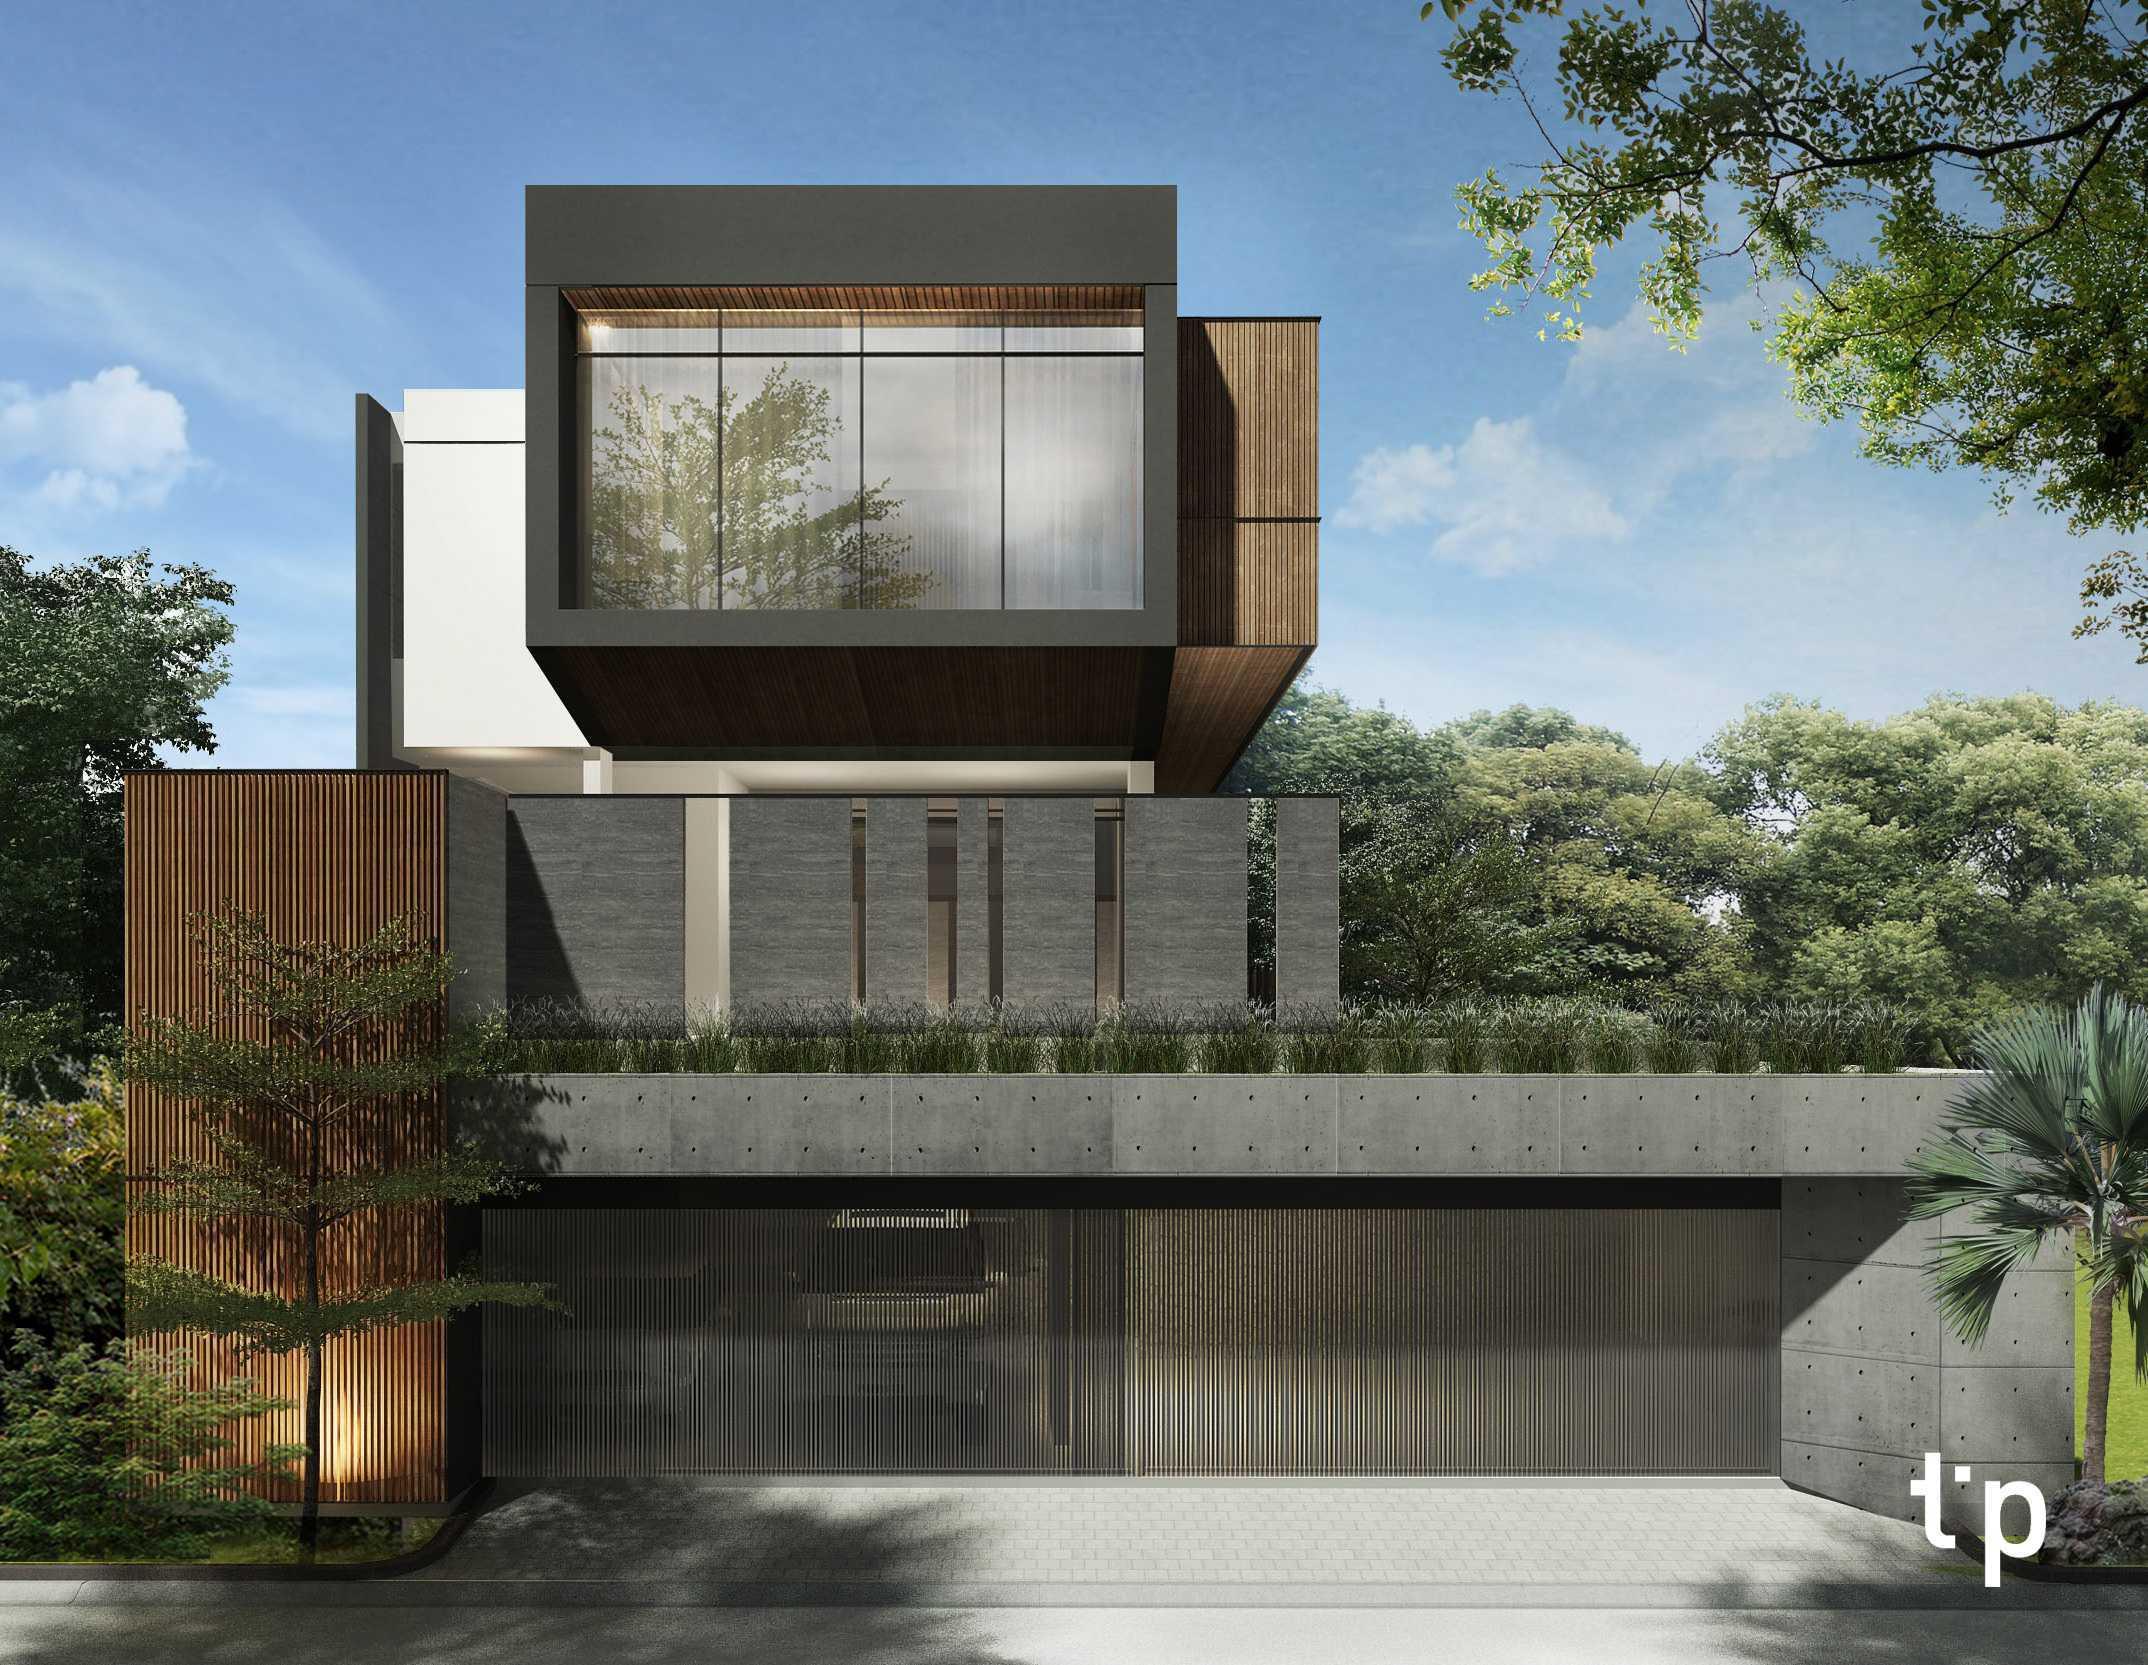 Tp Architects Vks House Jambi, Kota Jambi, Jambi, Indonesia Jambi, Kota Jambi, Jambi, Indonesia Tp-Architects-Vks-House  90656